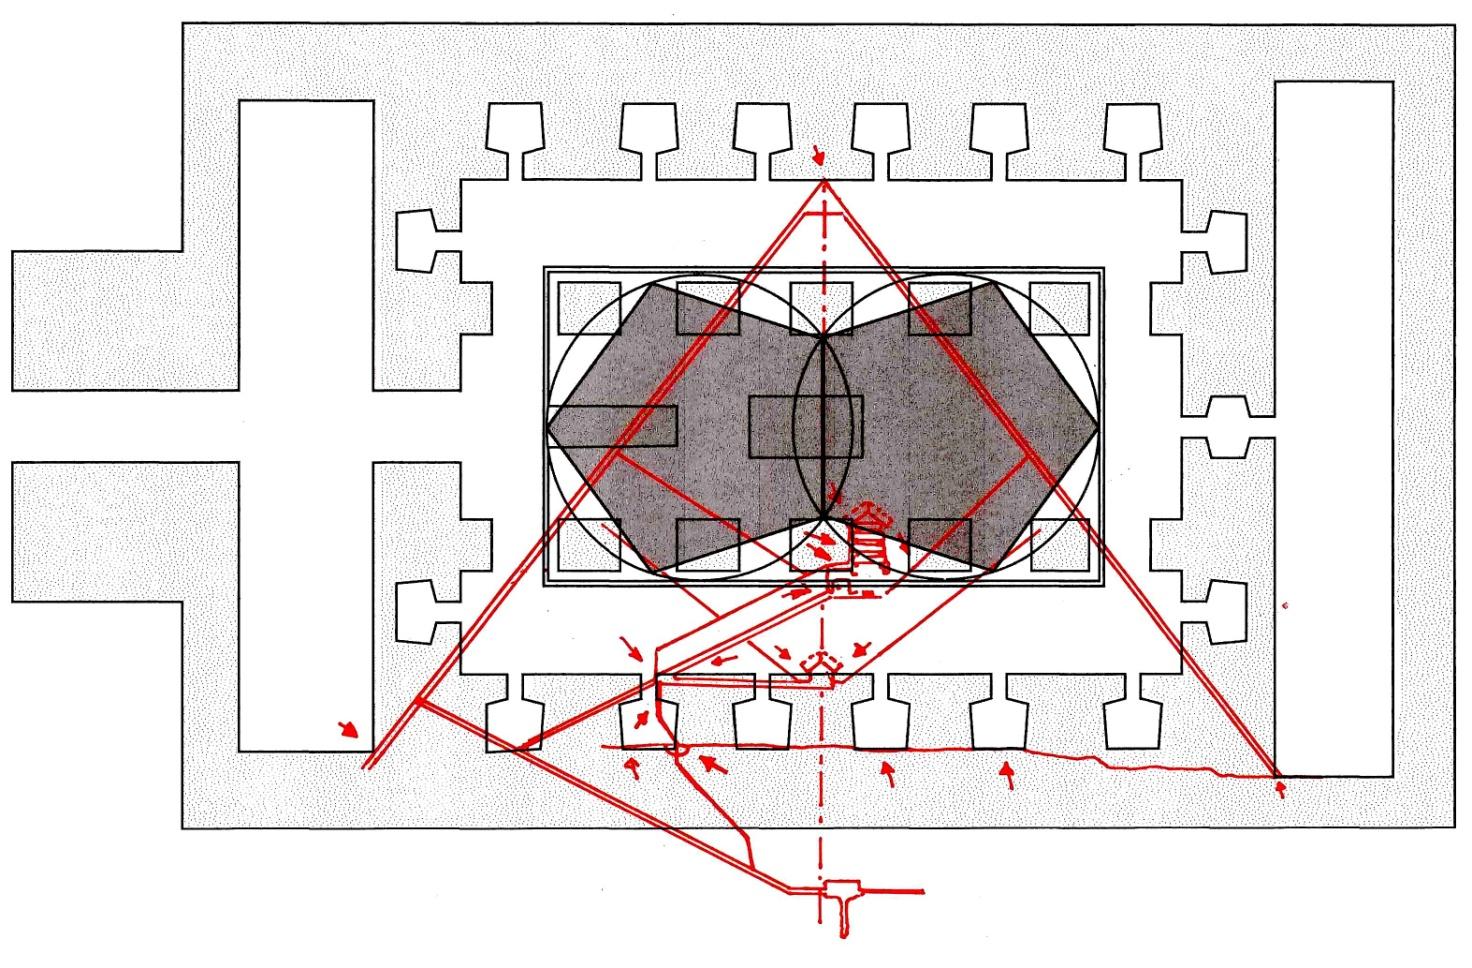 C:\Users\Gabriele\Pictures\2.NUOVO ARTICOLO\aggiunte alla parte 2 inglese\2 blocco ancora da aggiungere\2b.jpg